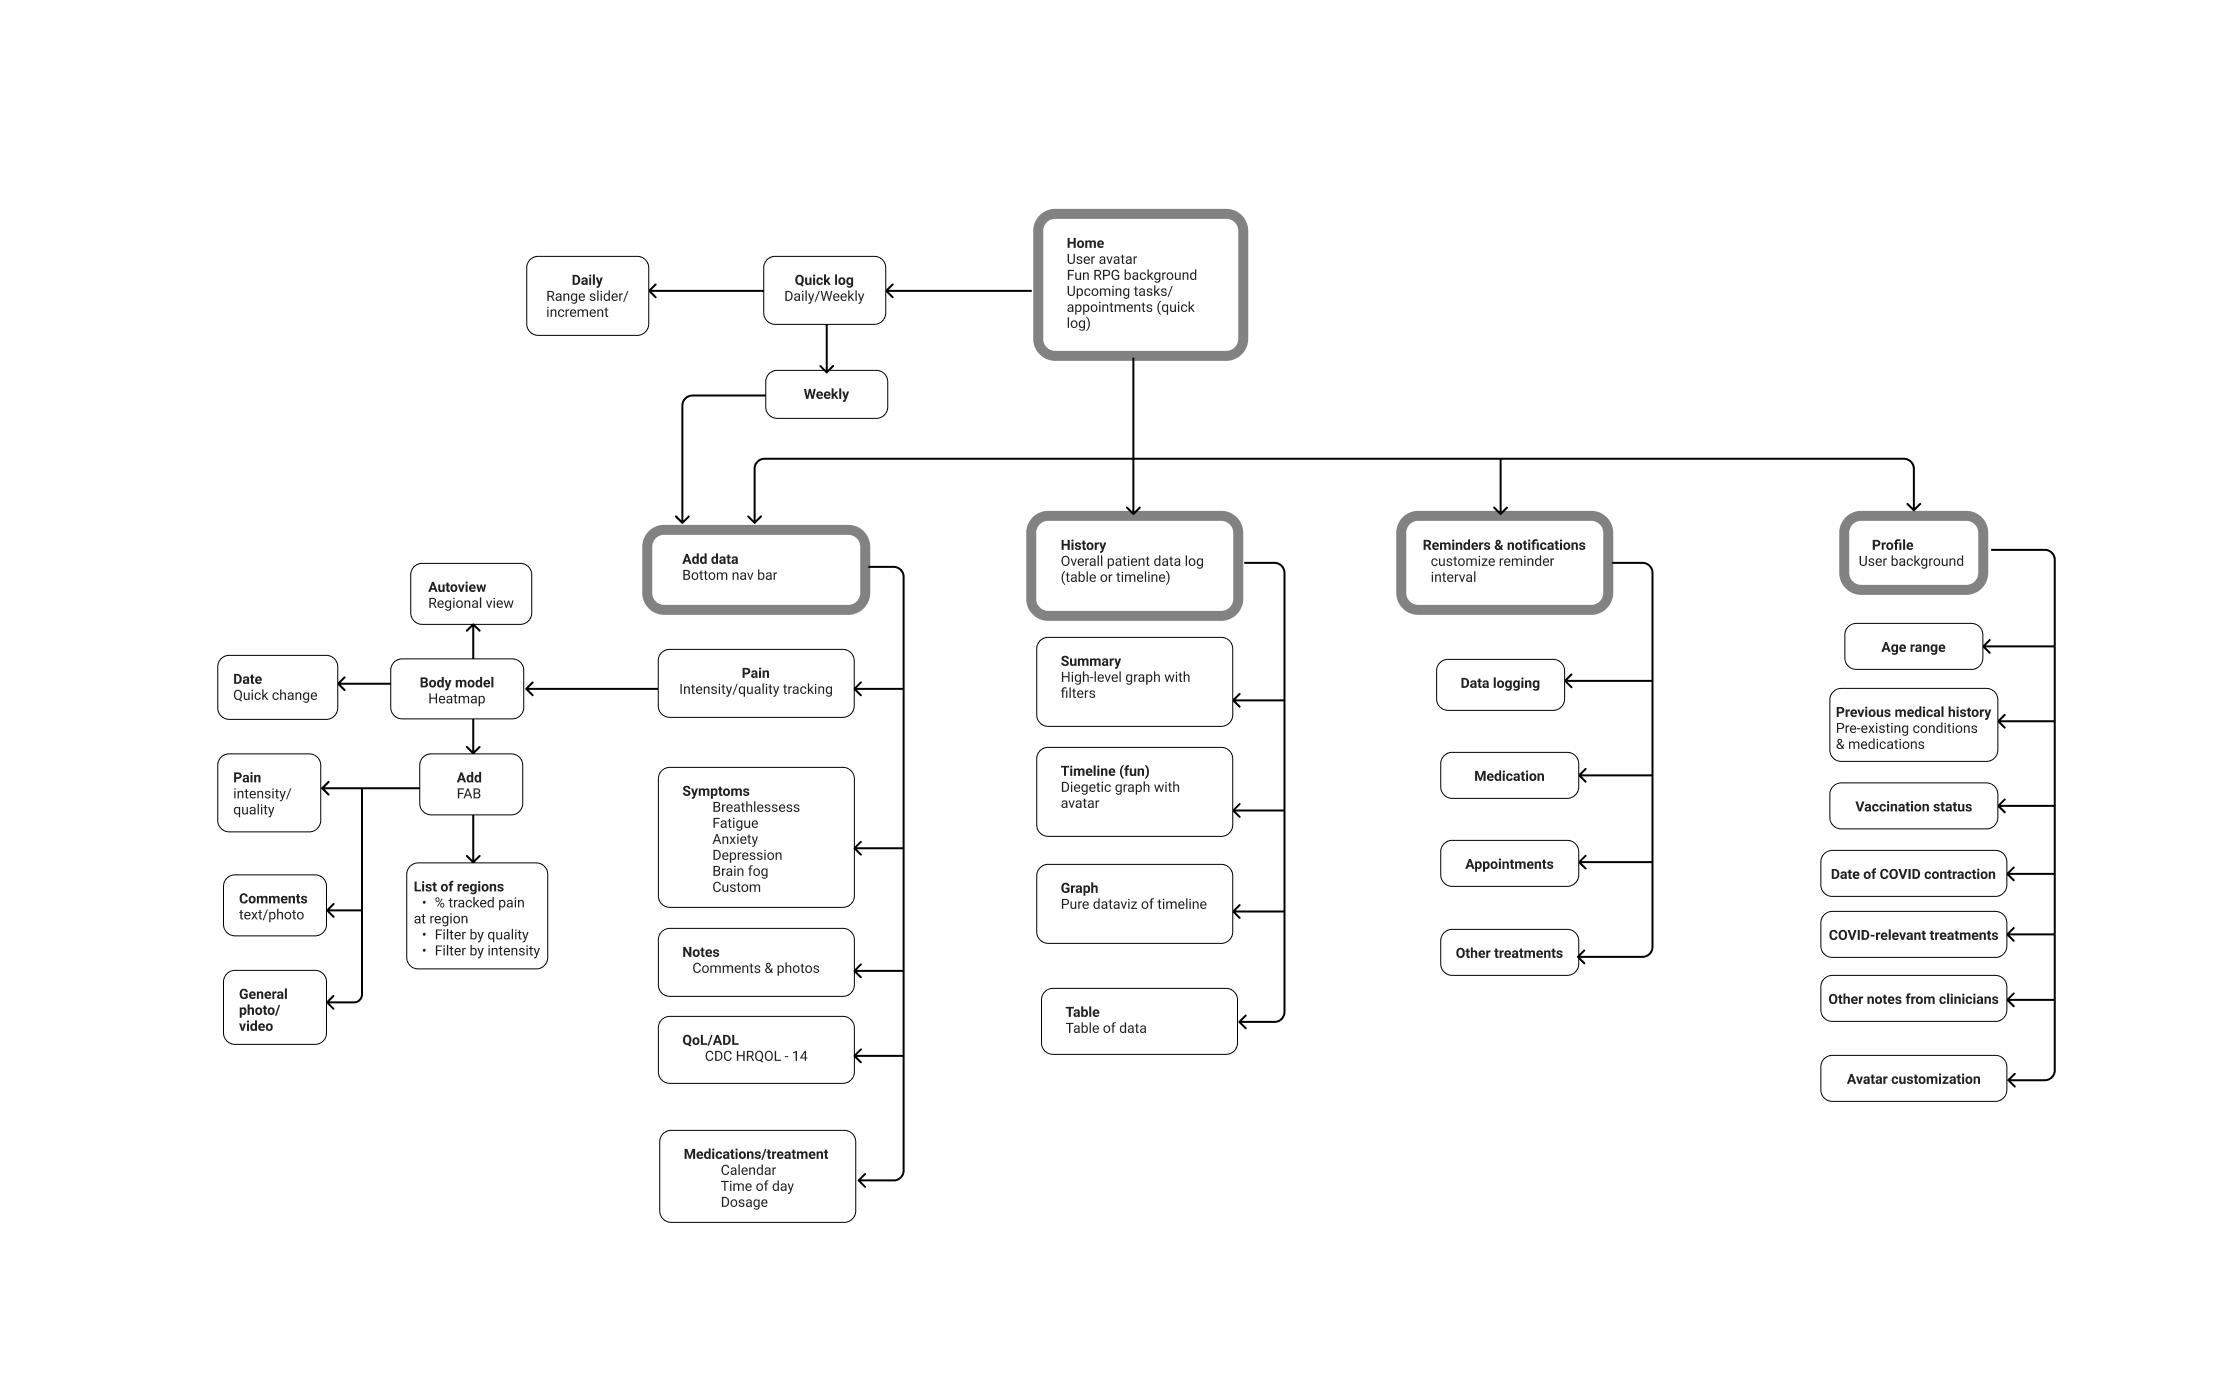 Team YEW - Information architecture